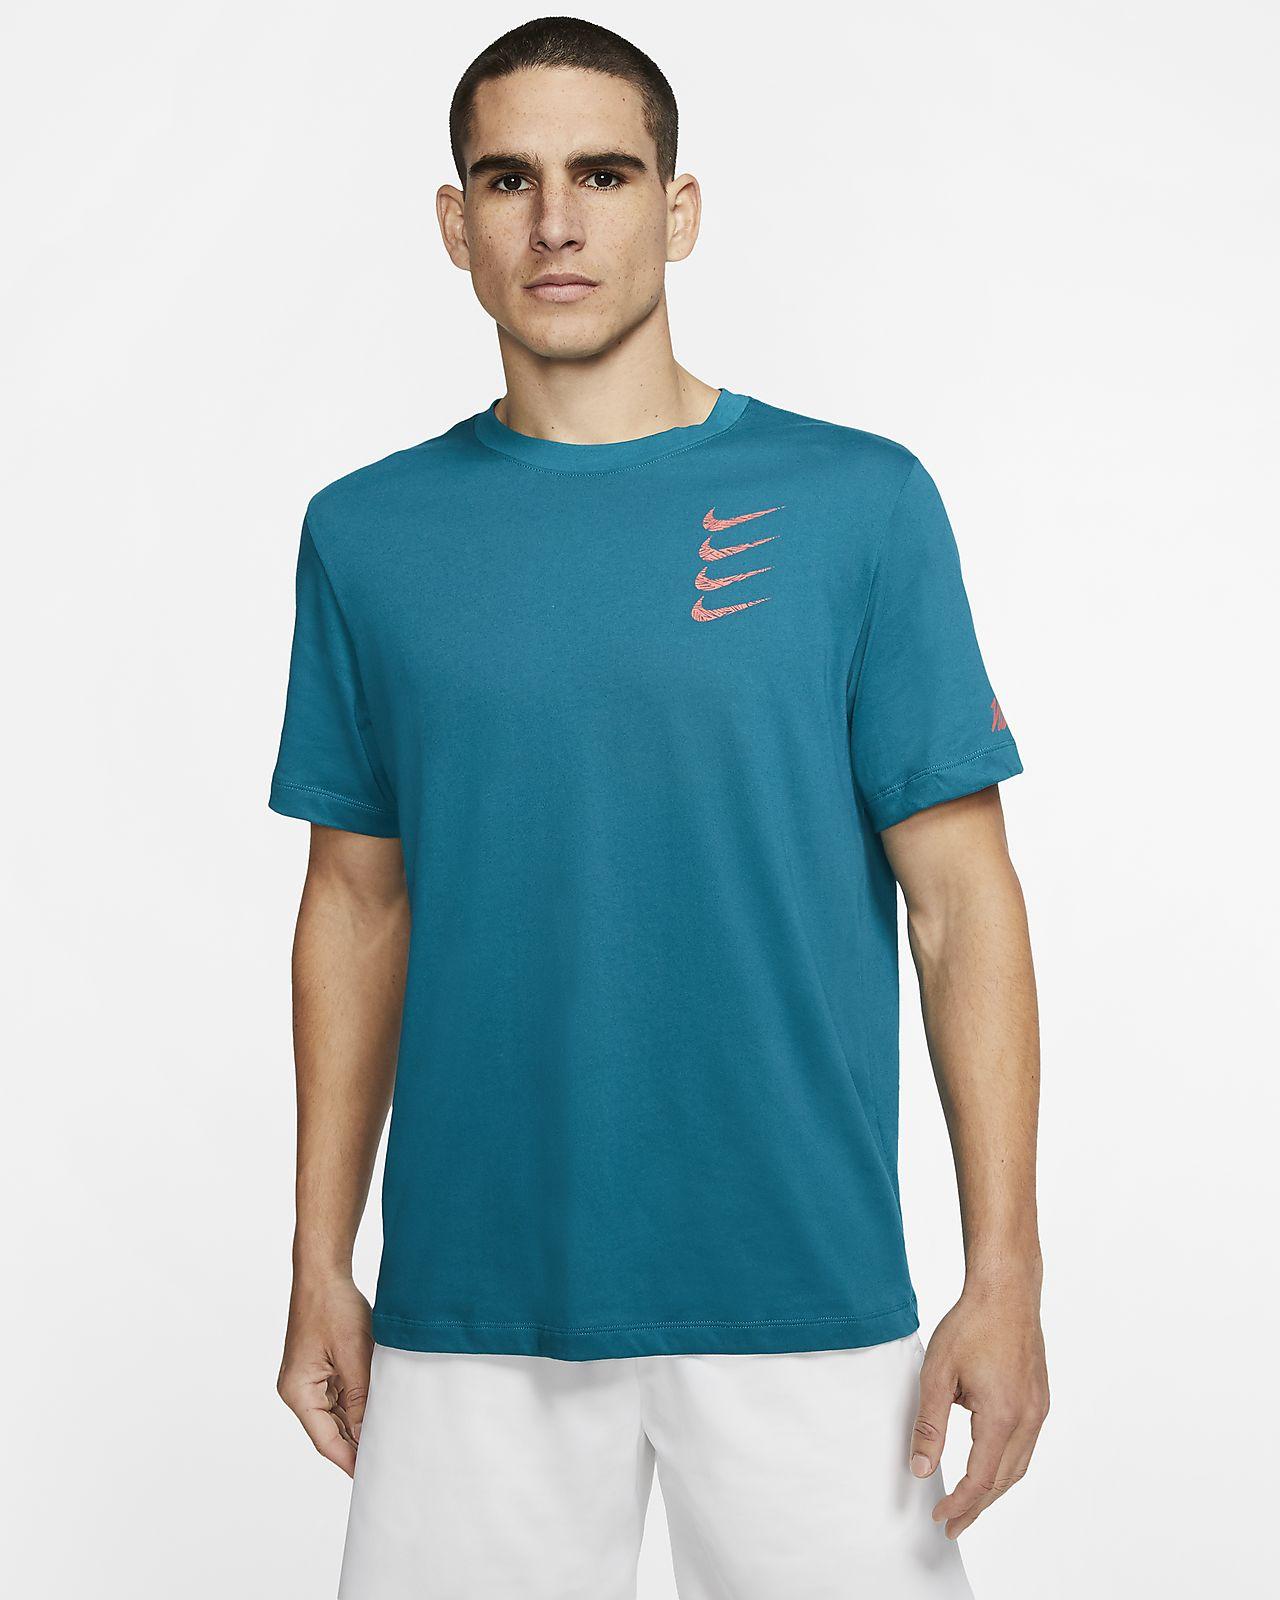 Nike Dri-FIT Grafikli Erkek Antrenman Tişörtü